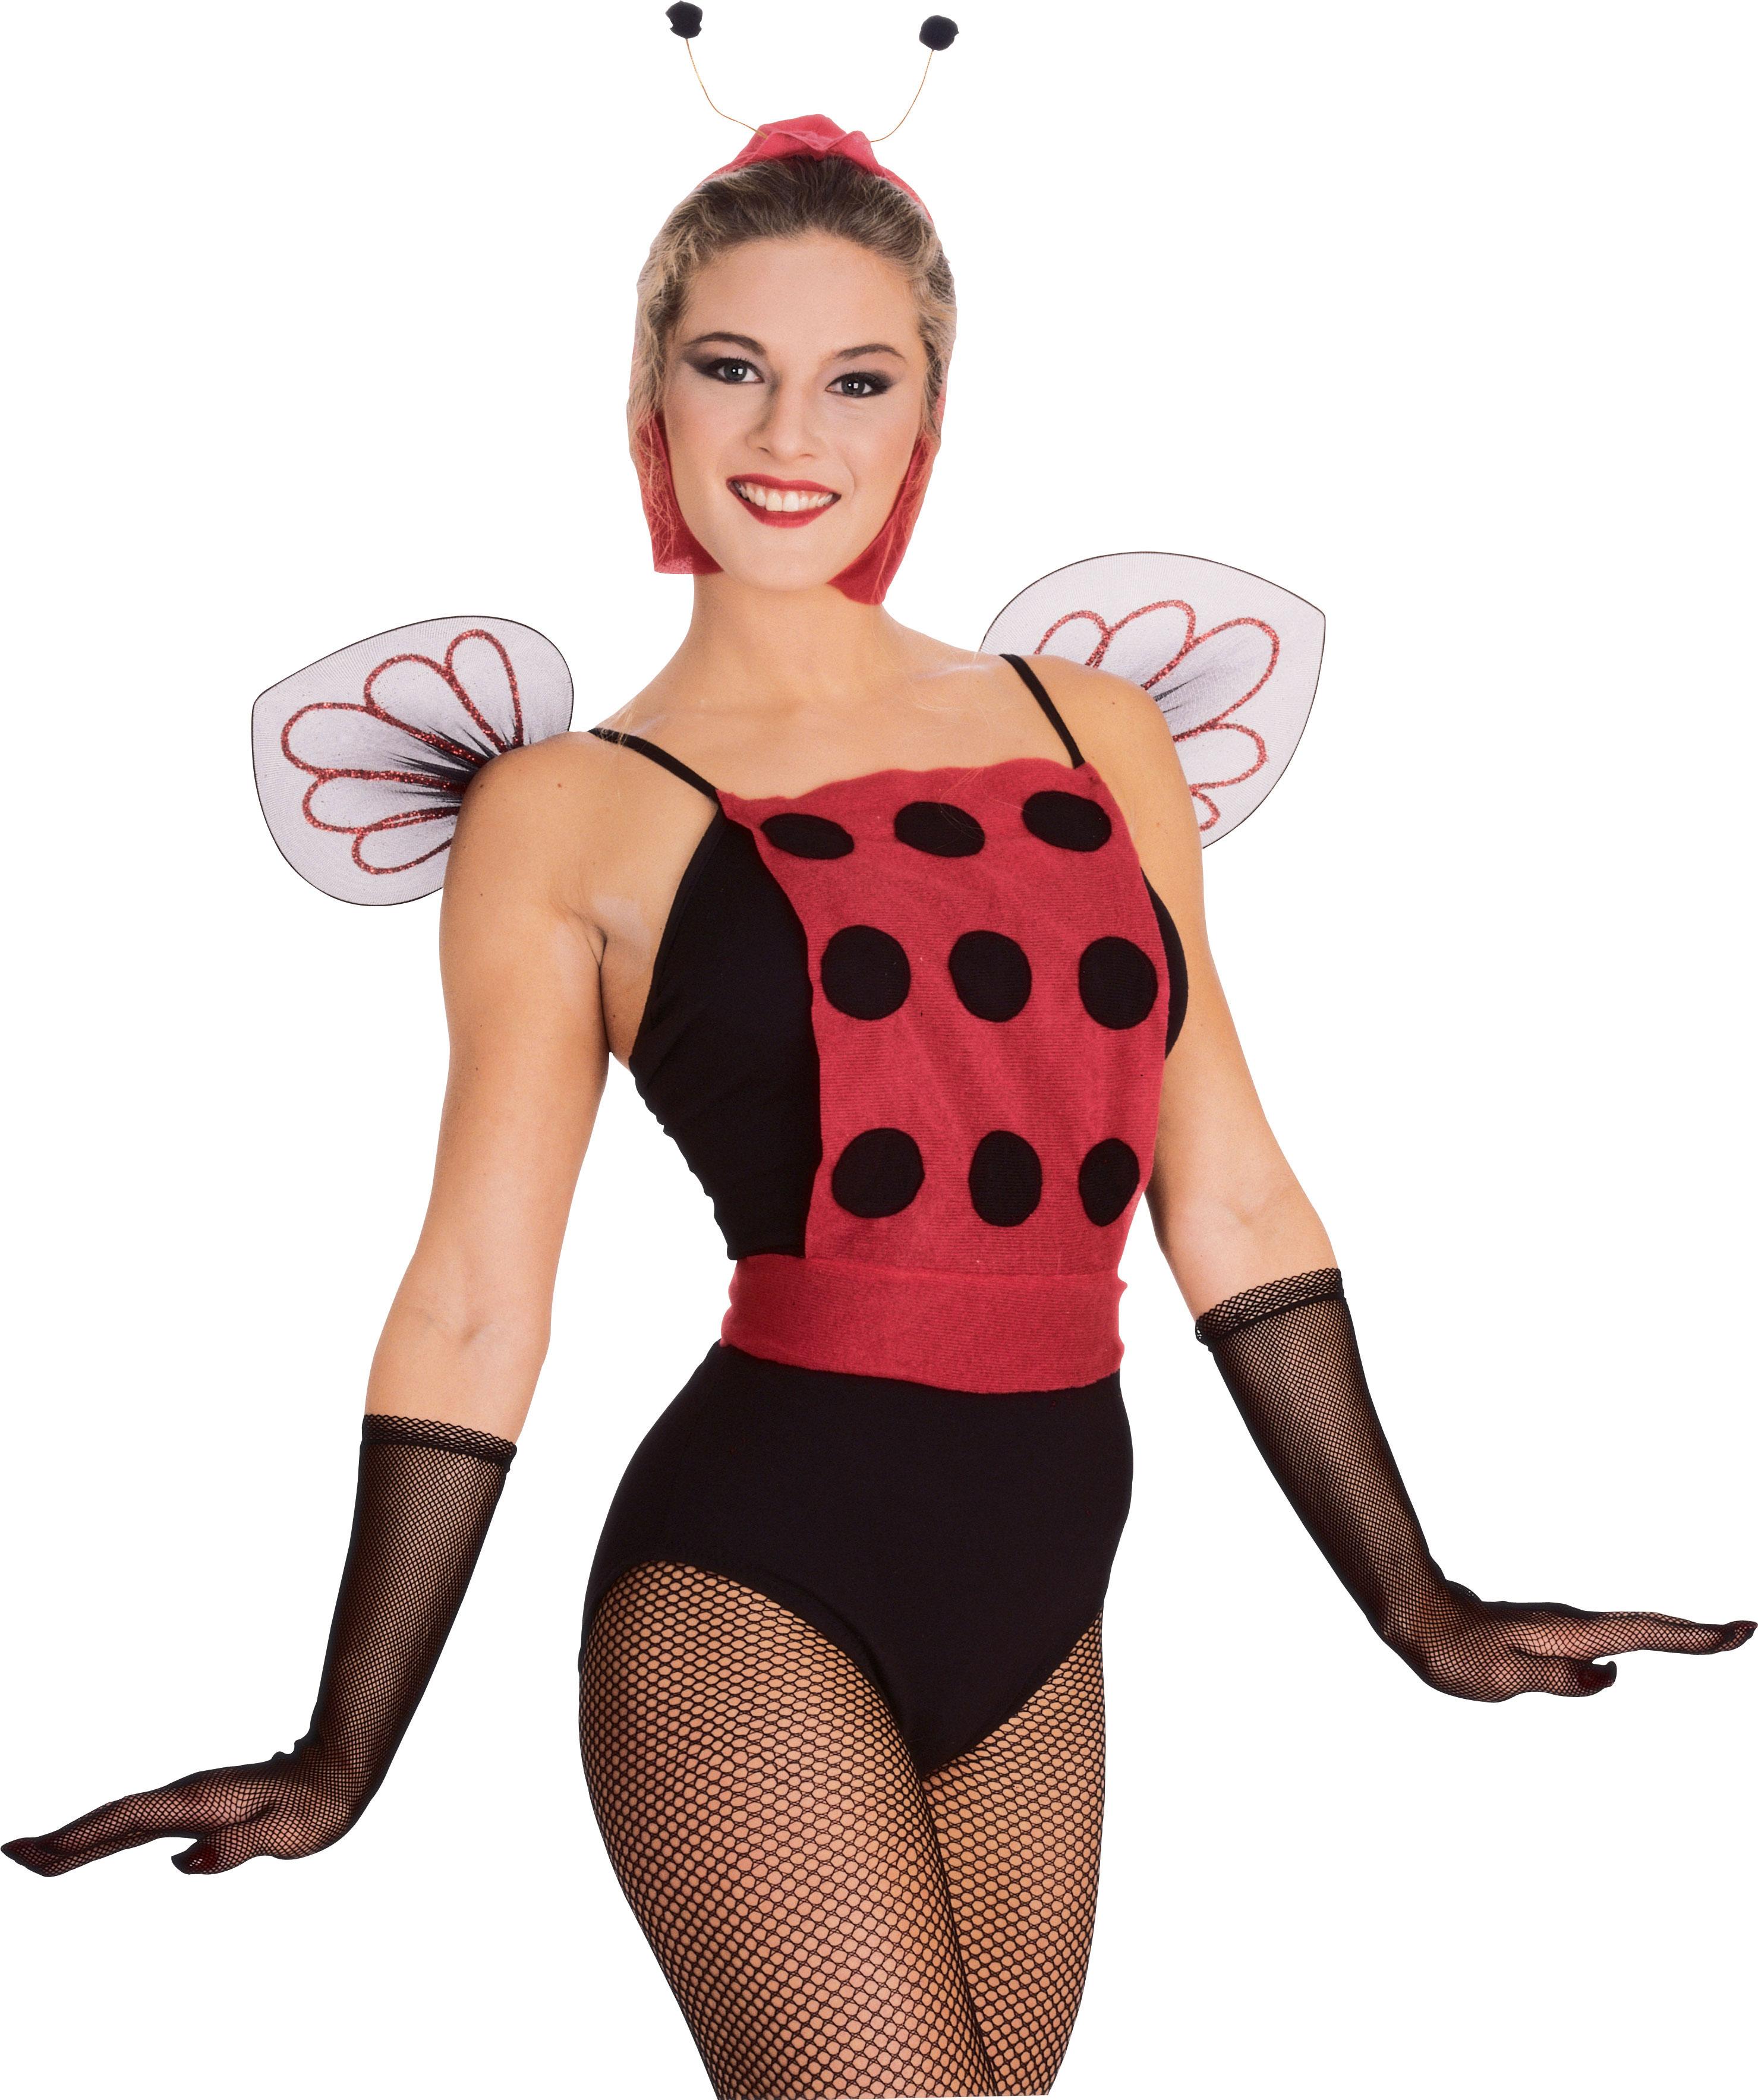 2958x3534 Ladybug Costume Makeup Clipart Panda